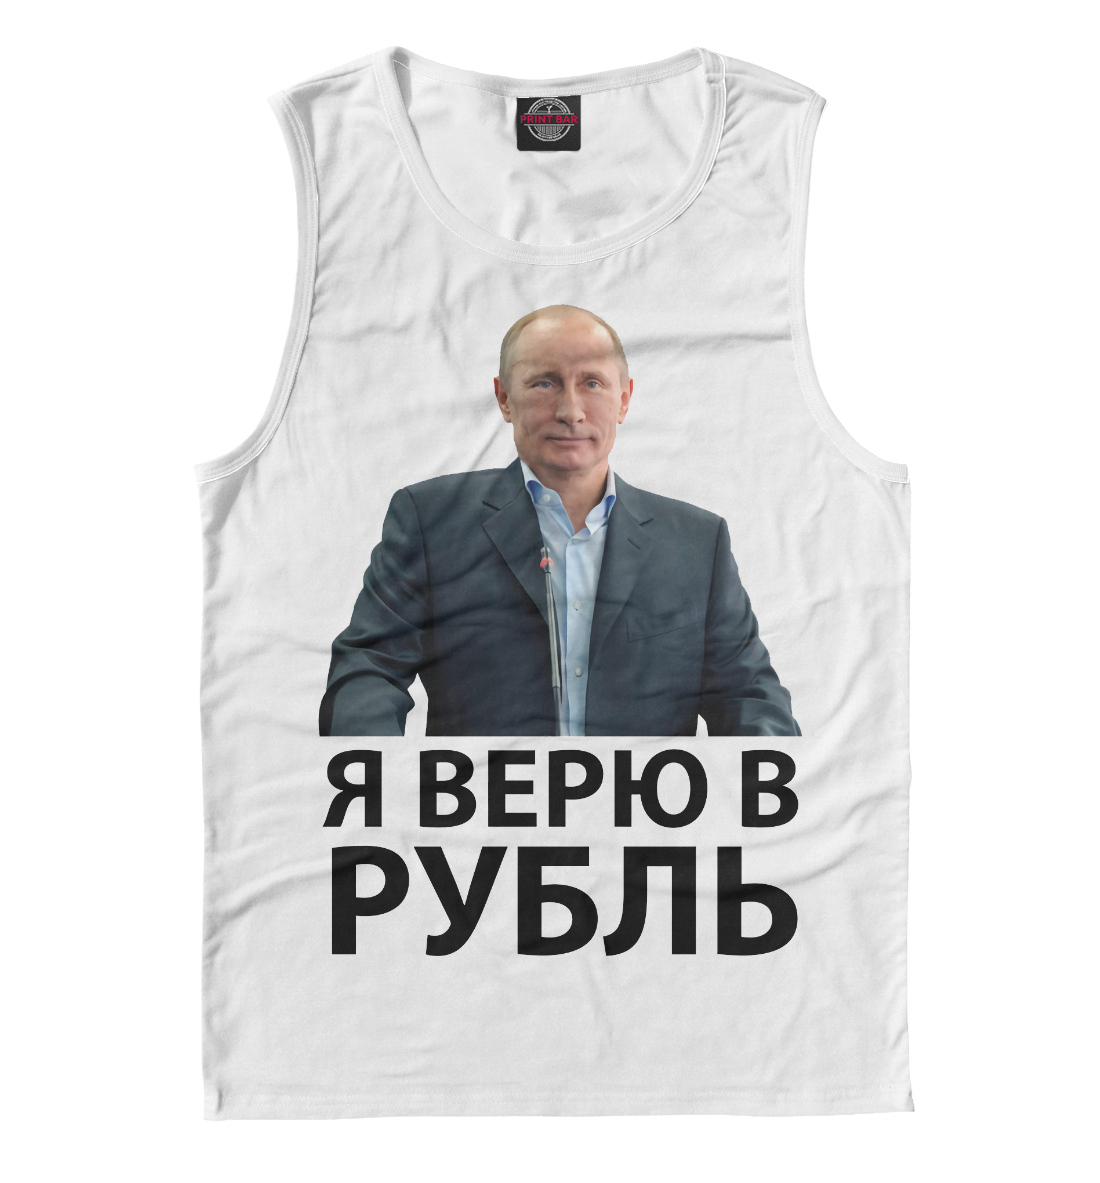 Я верю в рубль, Printbar, Майки, PUT-338848-may-2  - купить со скидкой